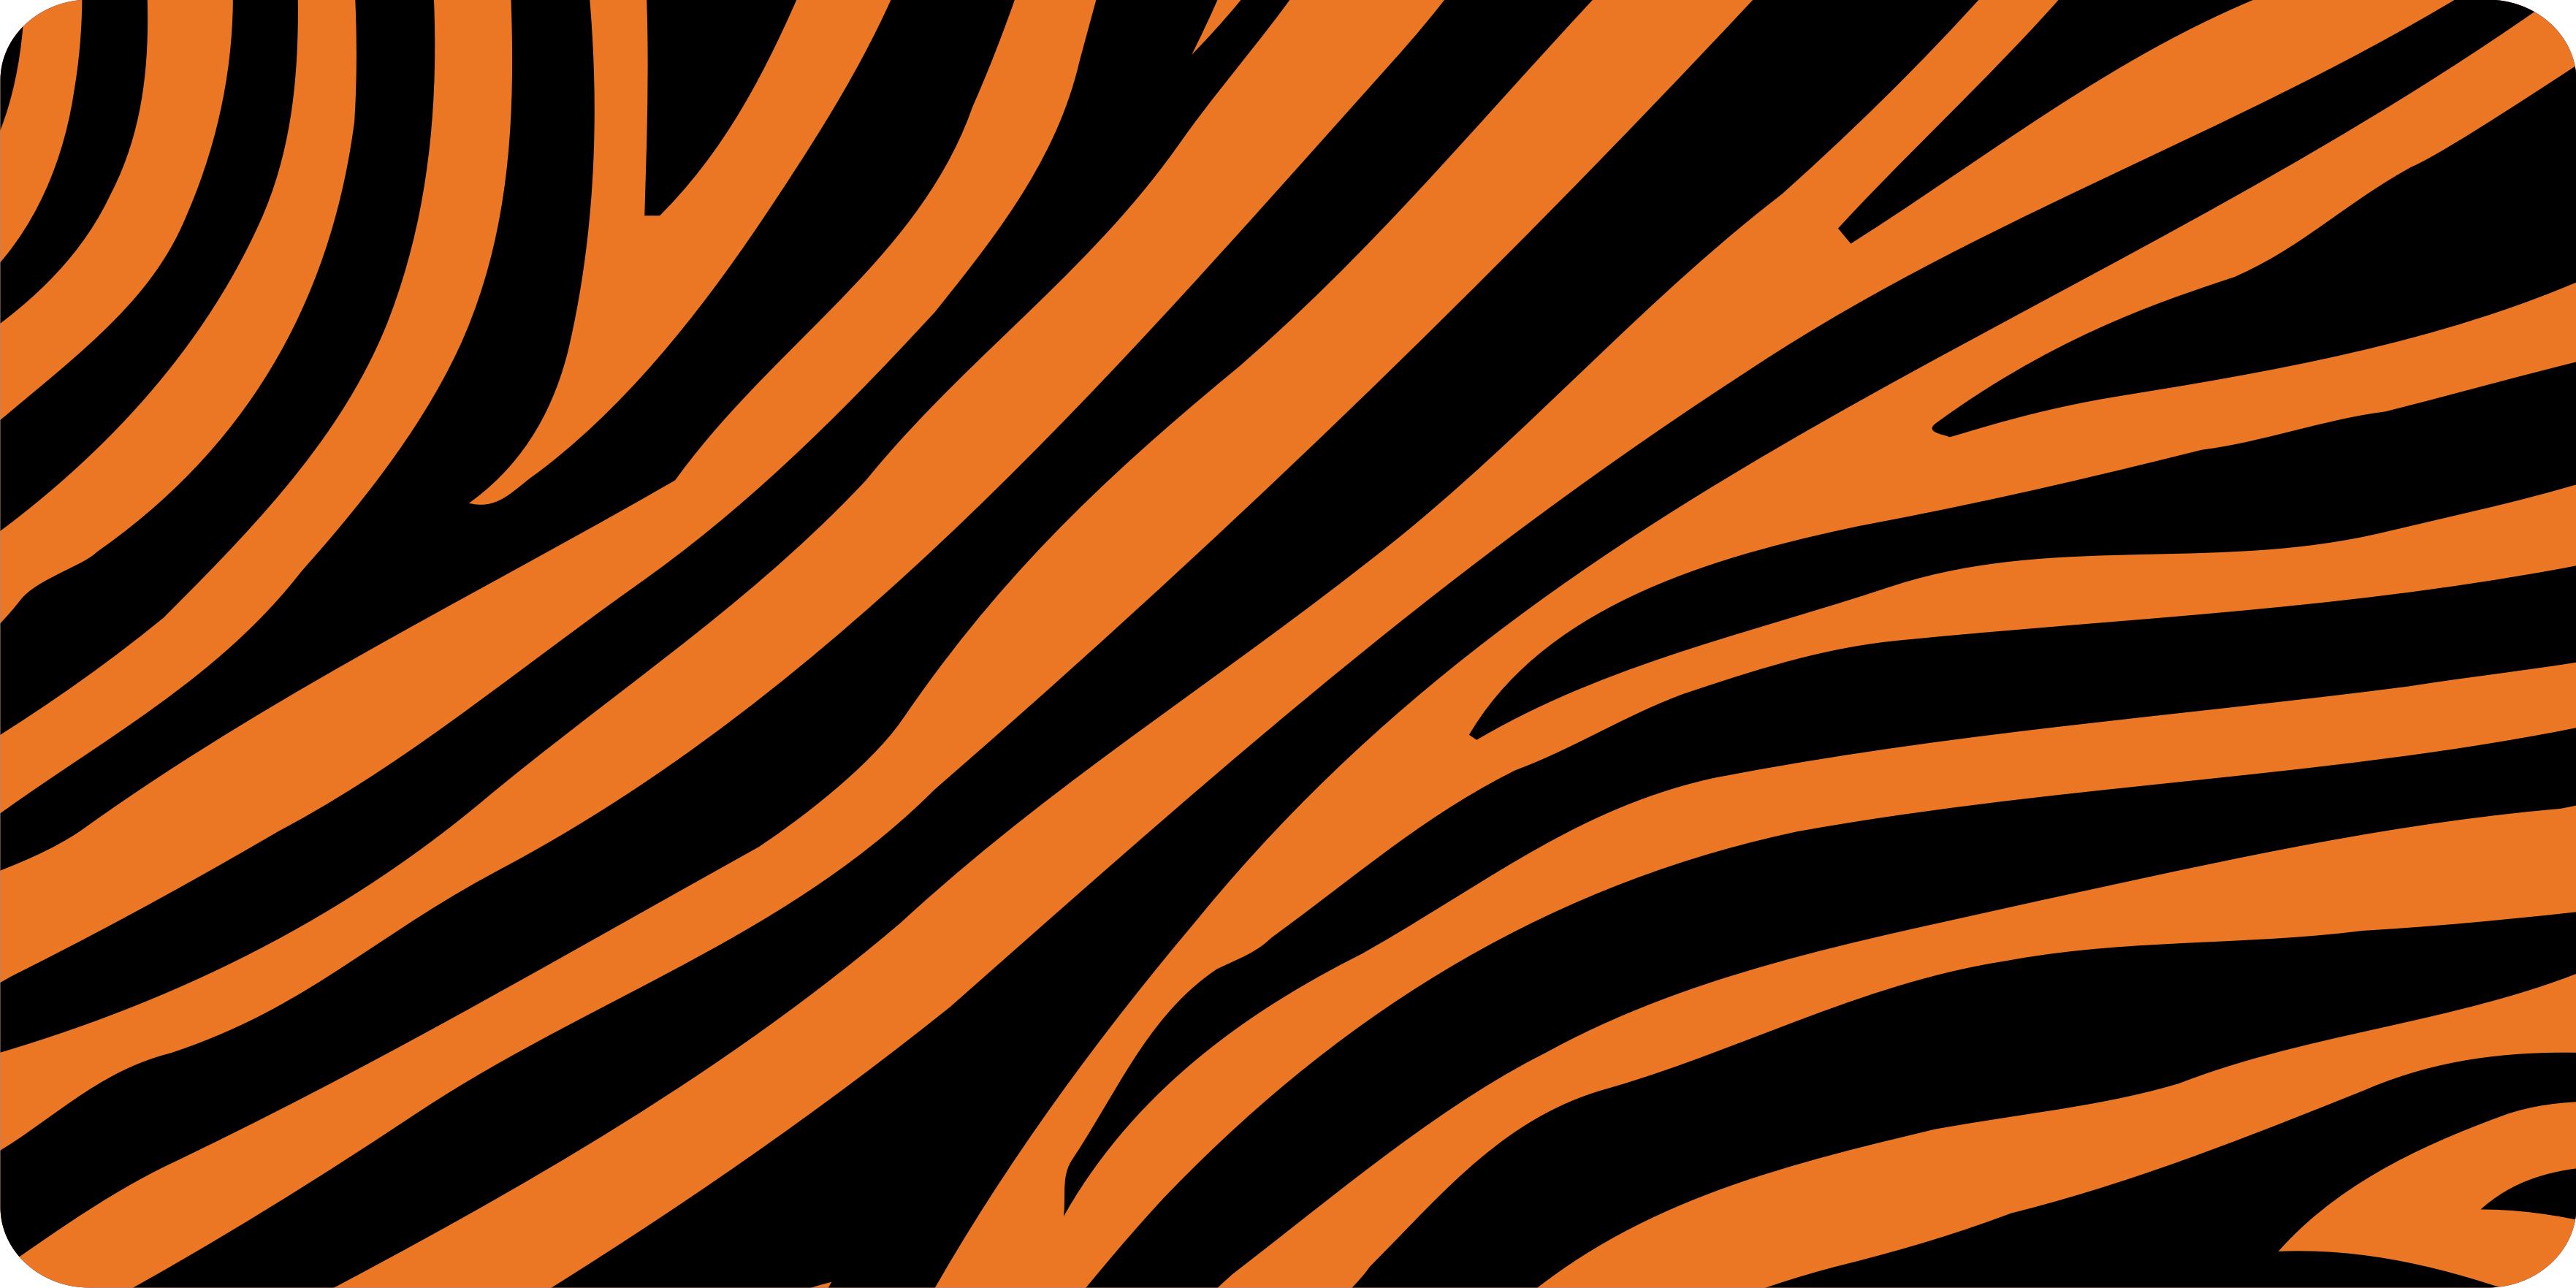 3526x1763 Tiger Print Clipart Tiger Stripe